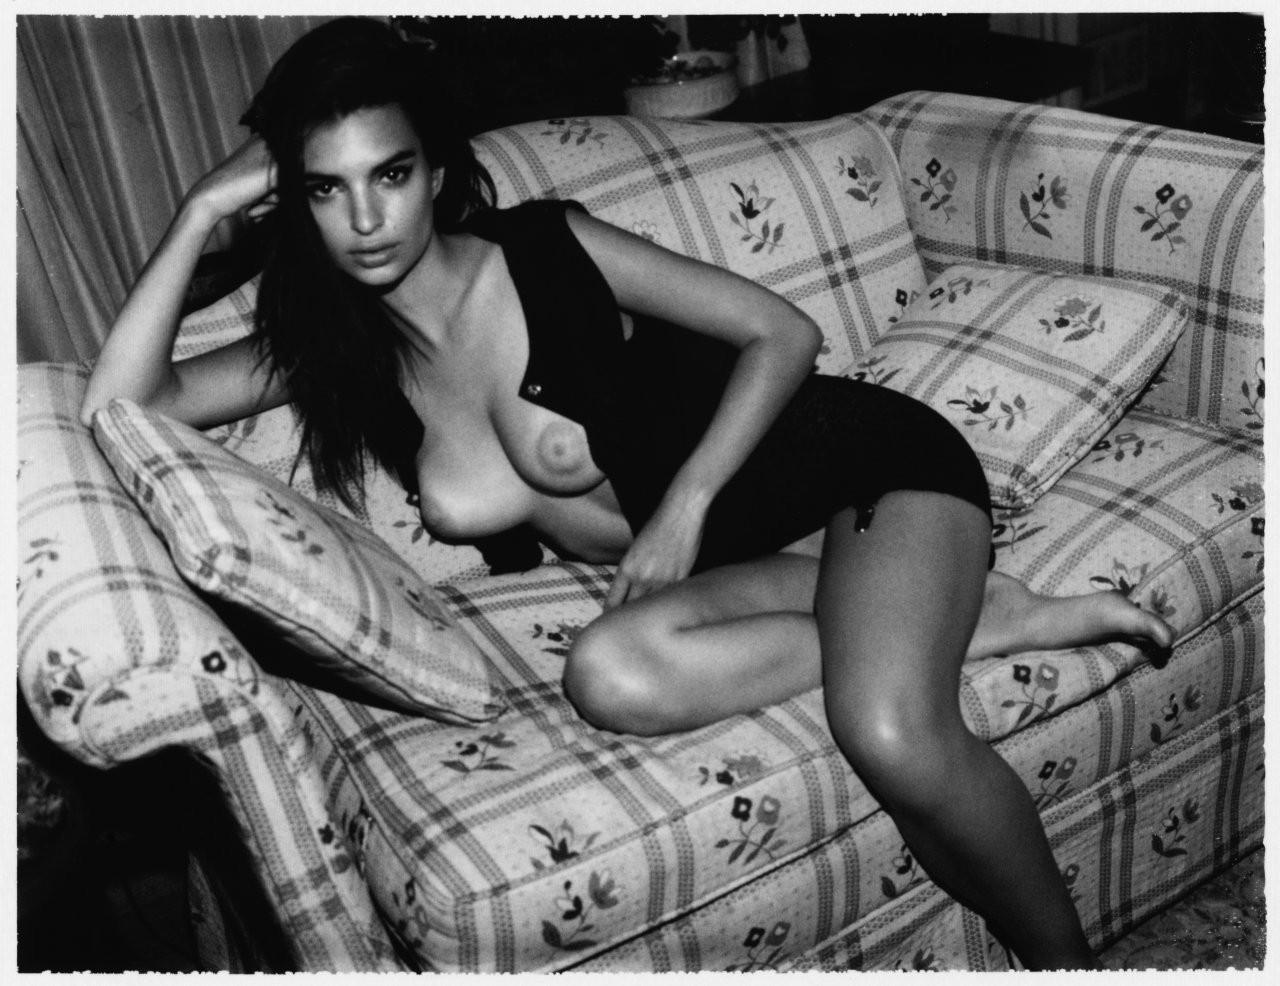 Emily Ratajkowski Naked 07 TheFappening.nu